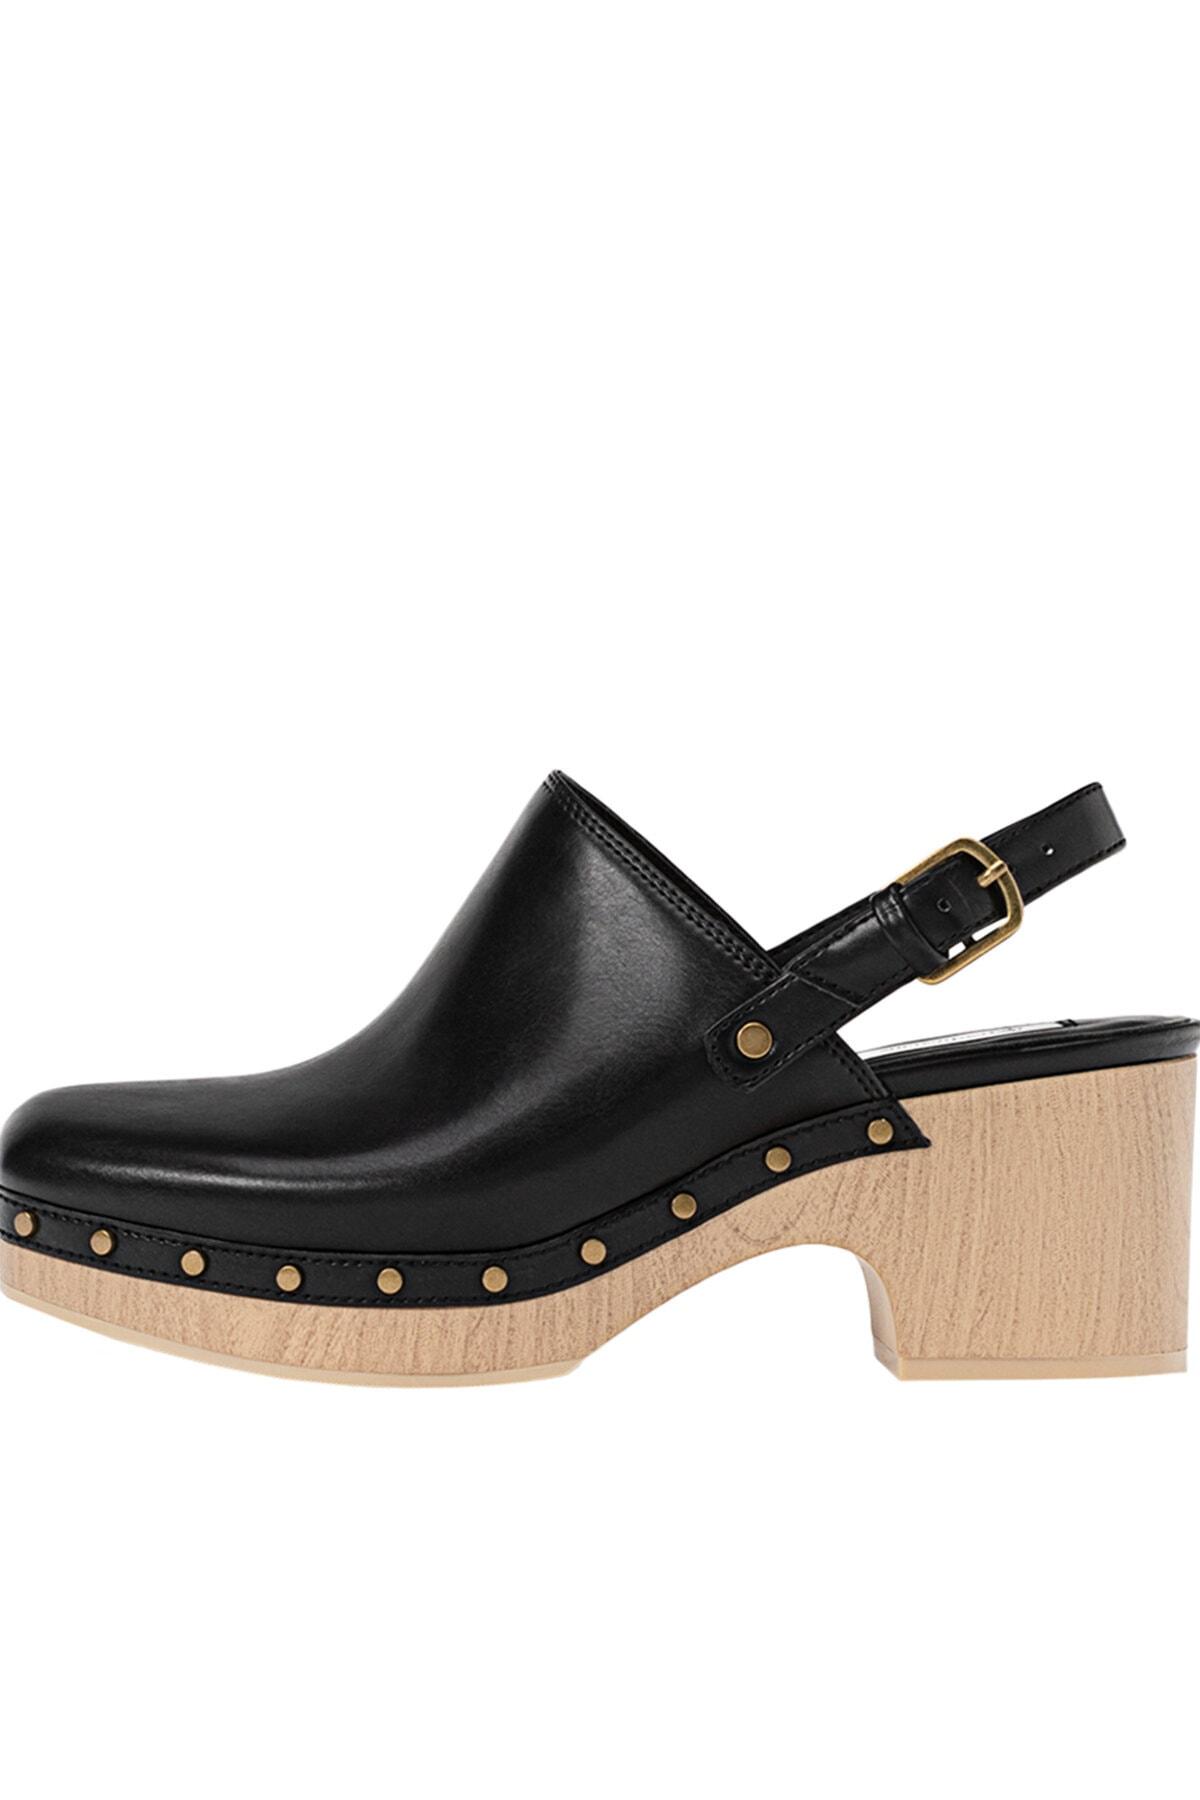 Stradivarius Kadın Siyah Zımba Detaylı Ahşap Topuklu Sabo Ayakkabı 19151770